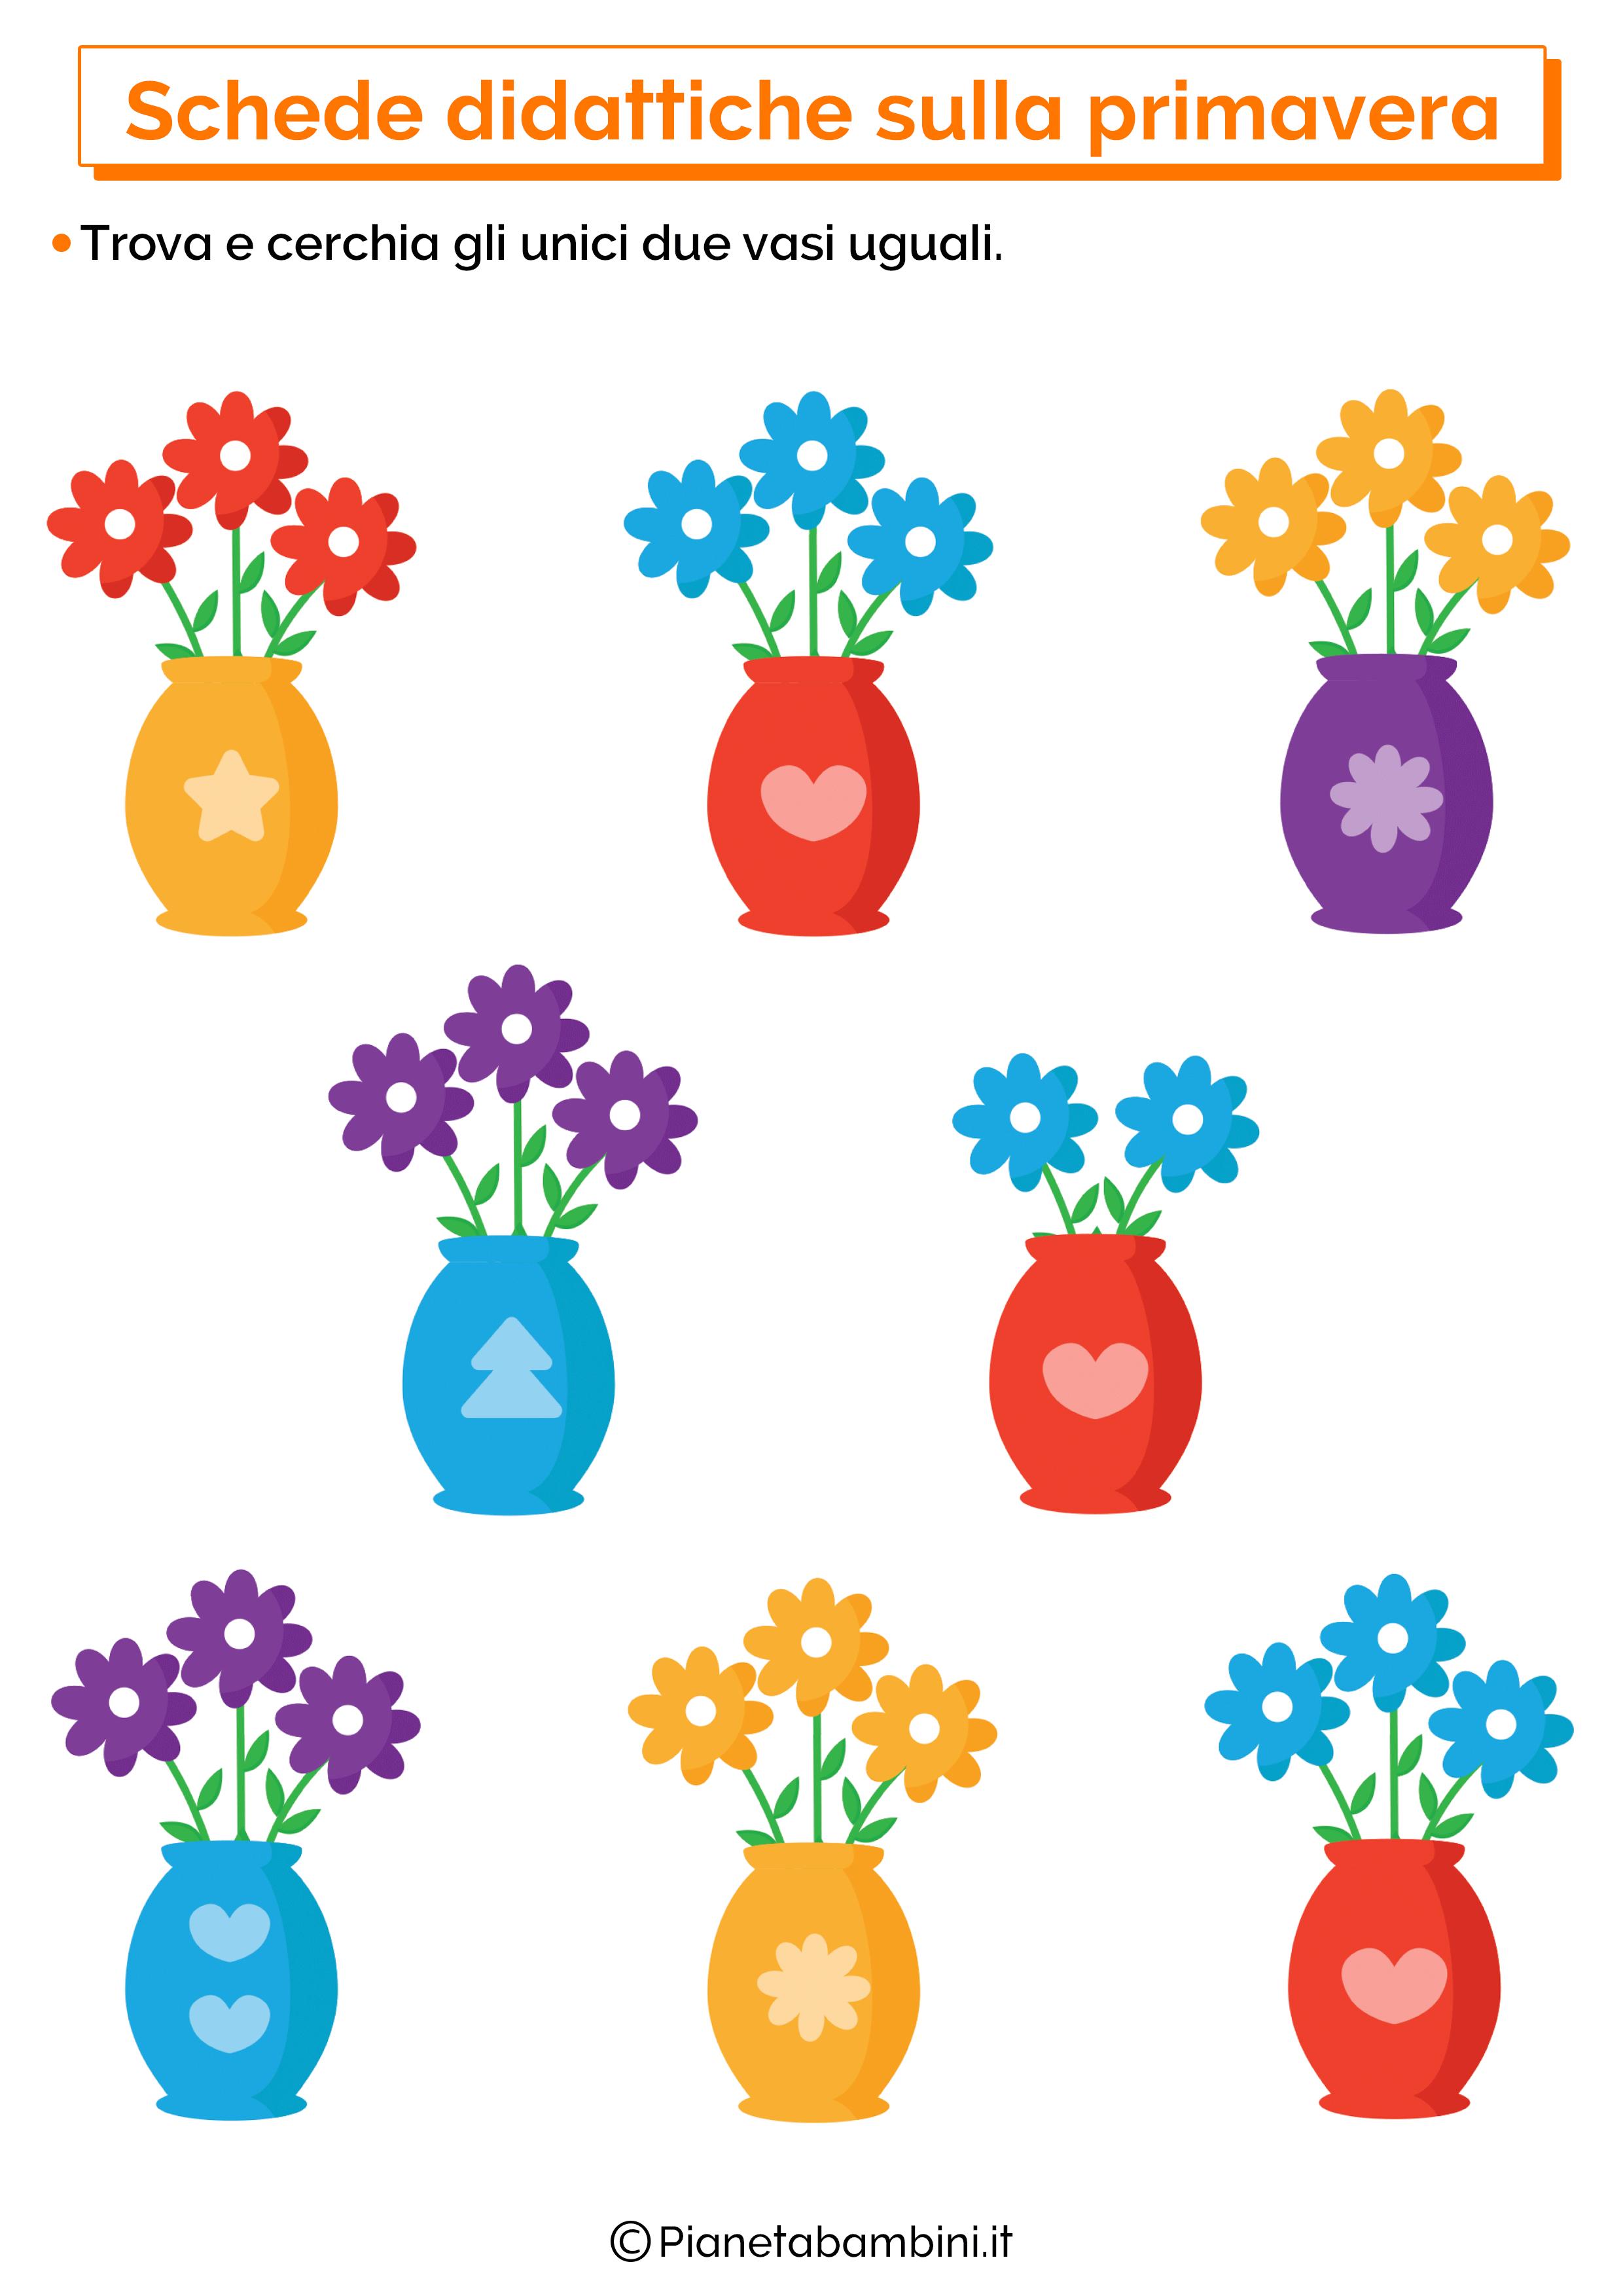 Scheda didattica sulla primavera per la scuola dell'infanzia numero 13